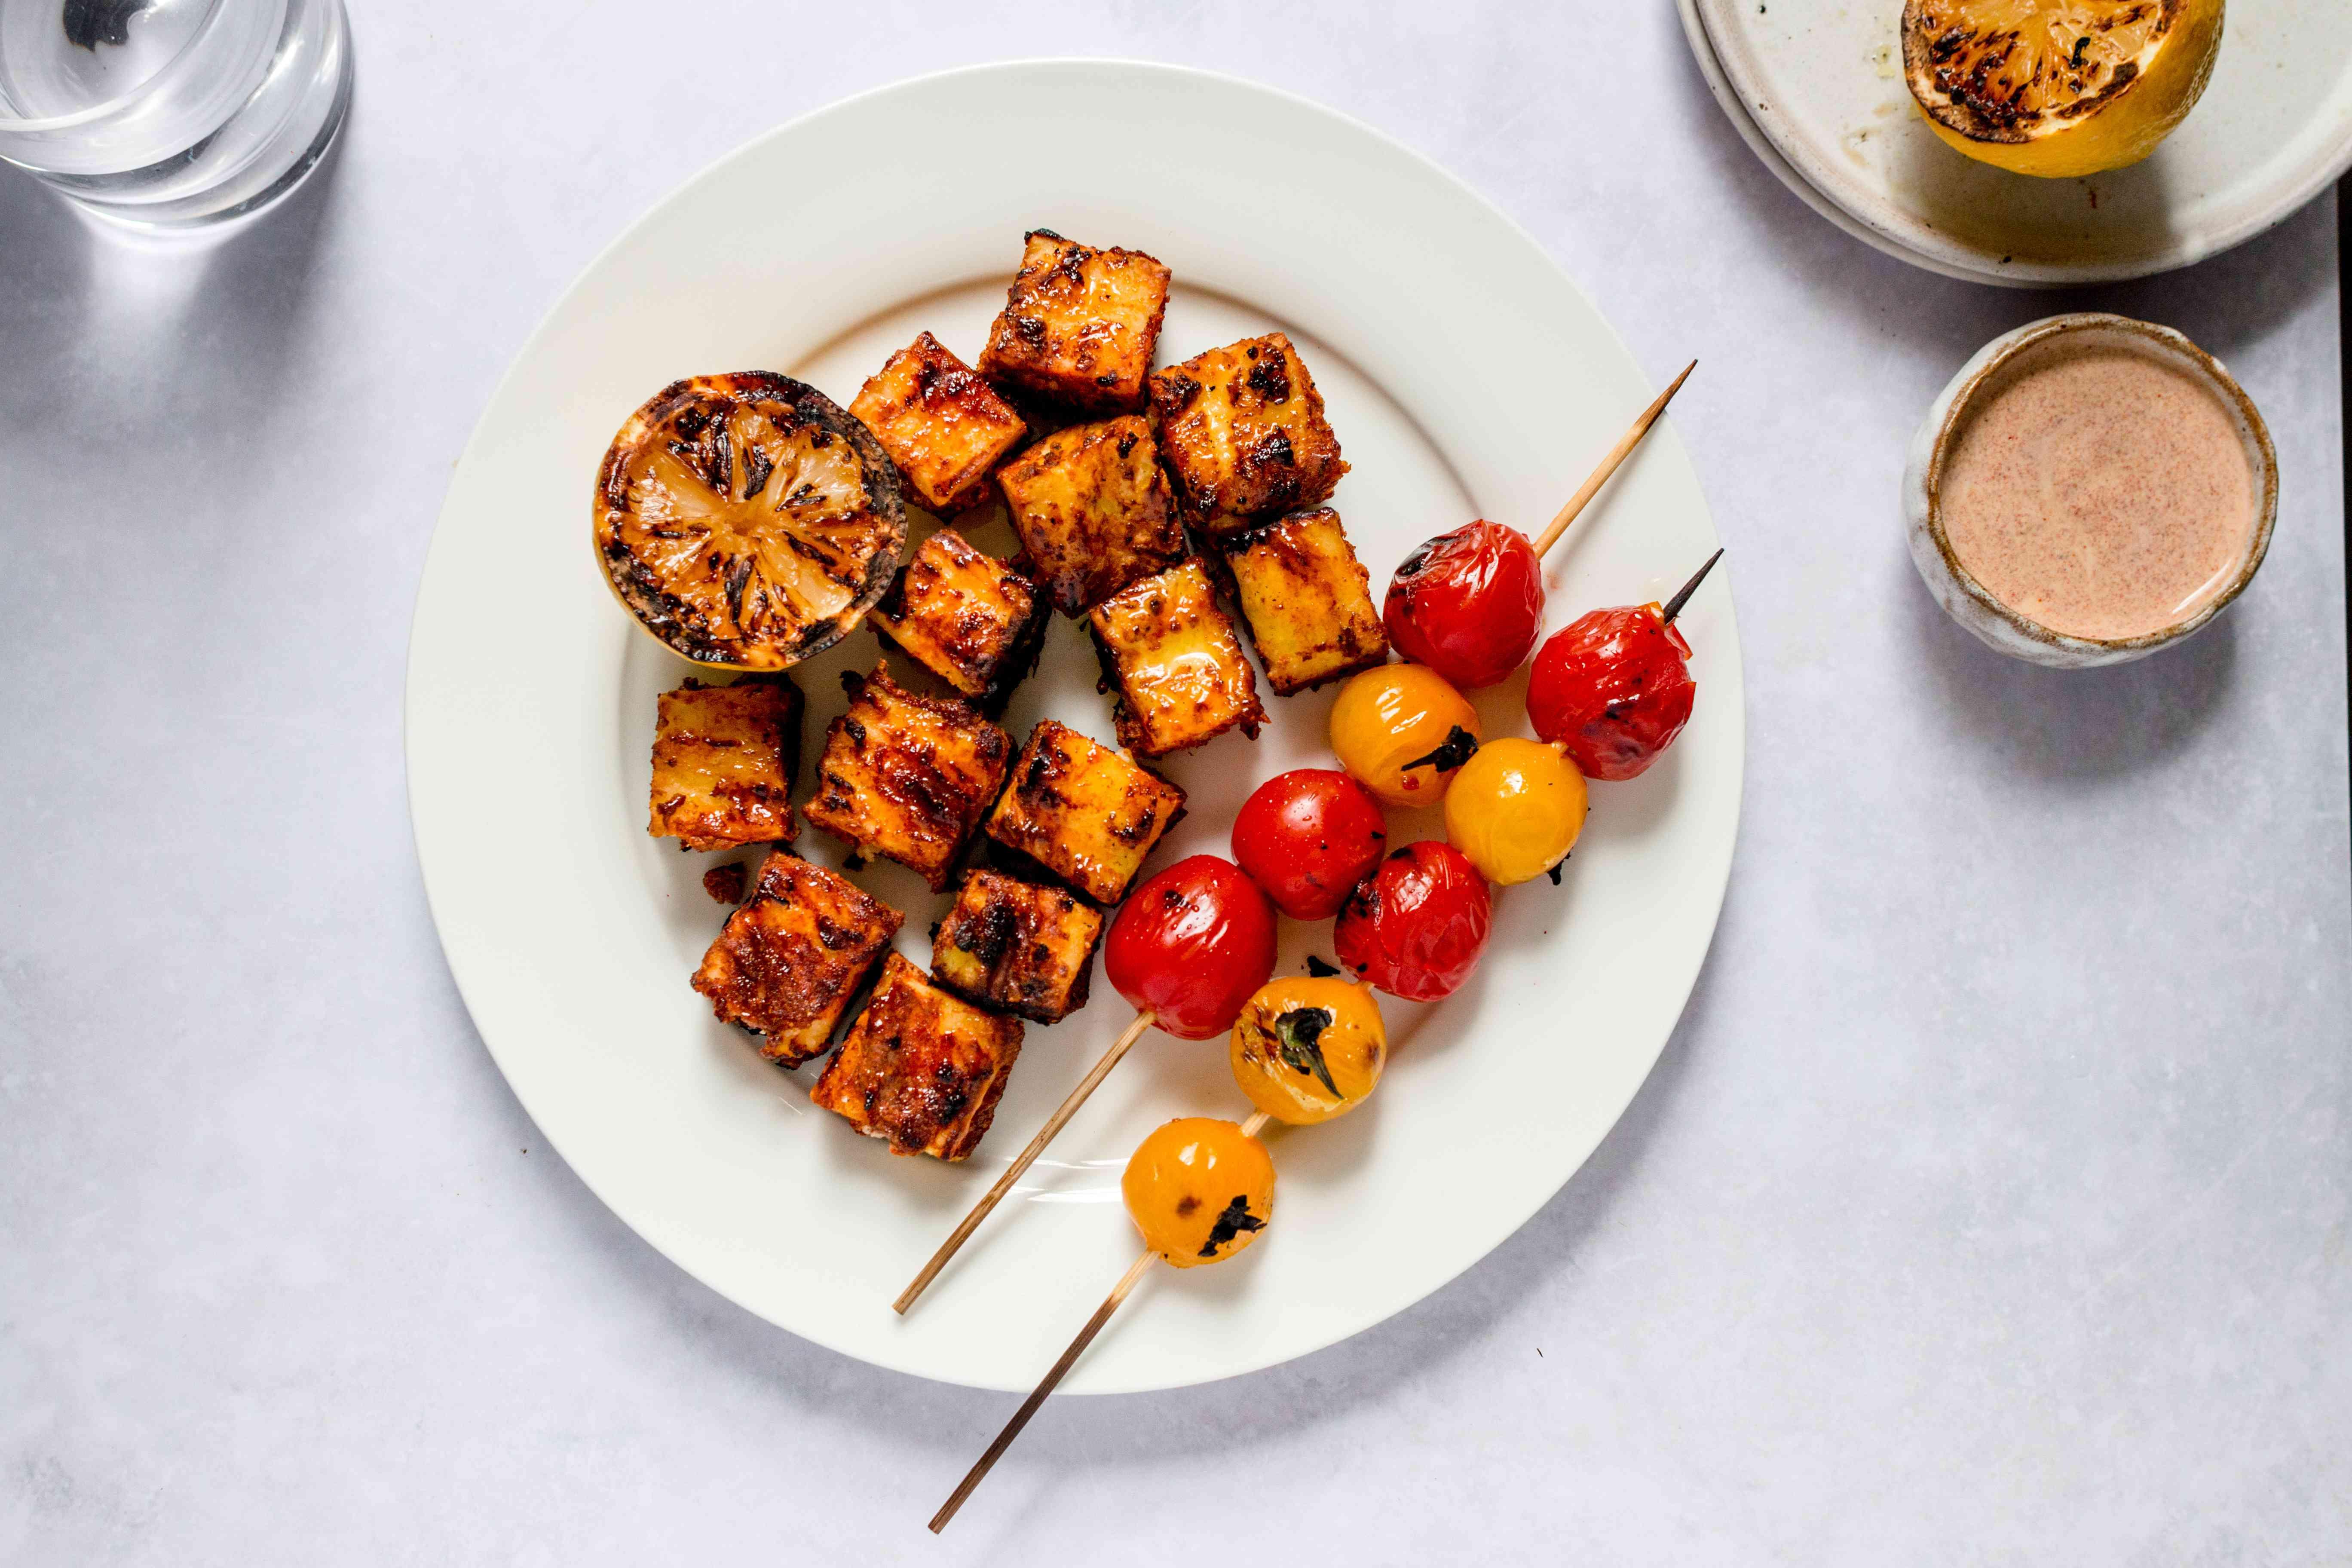 Grilled Paneer in Tandoori Seasoning